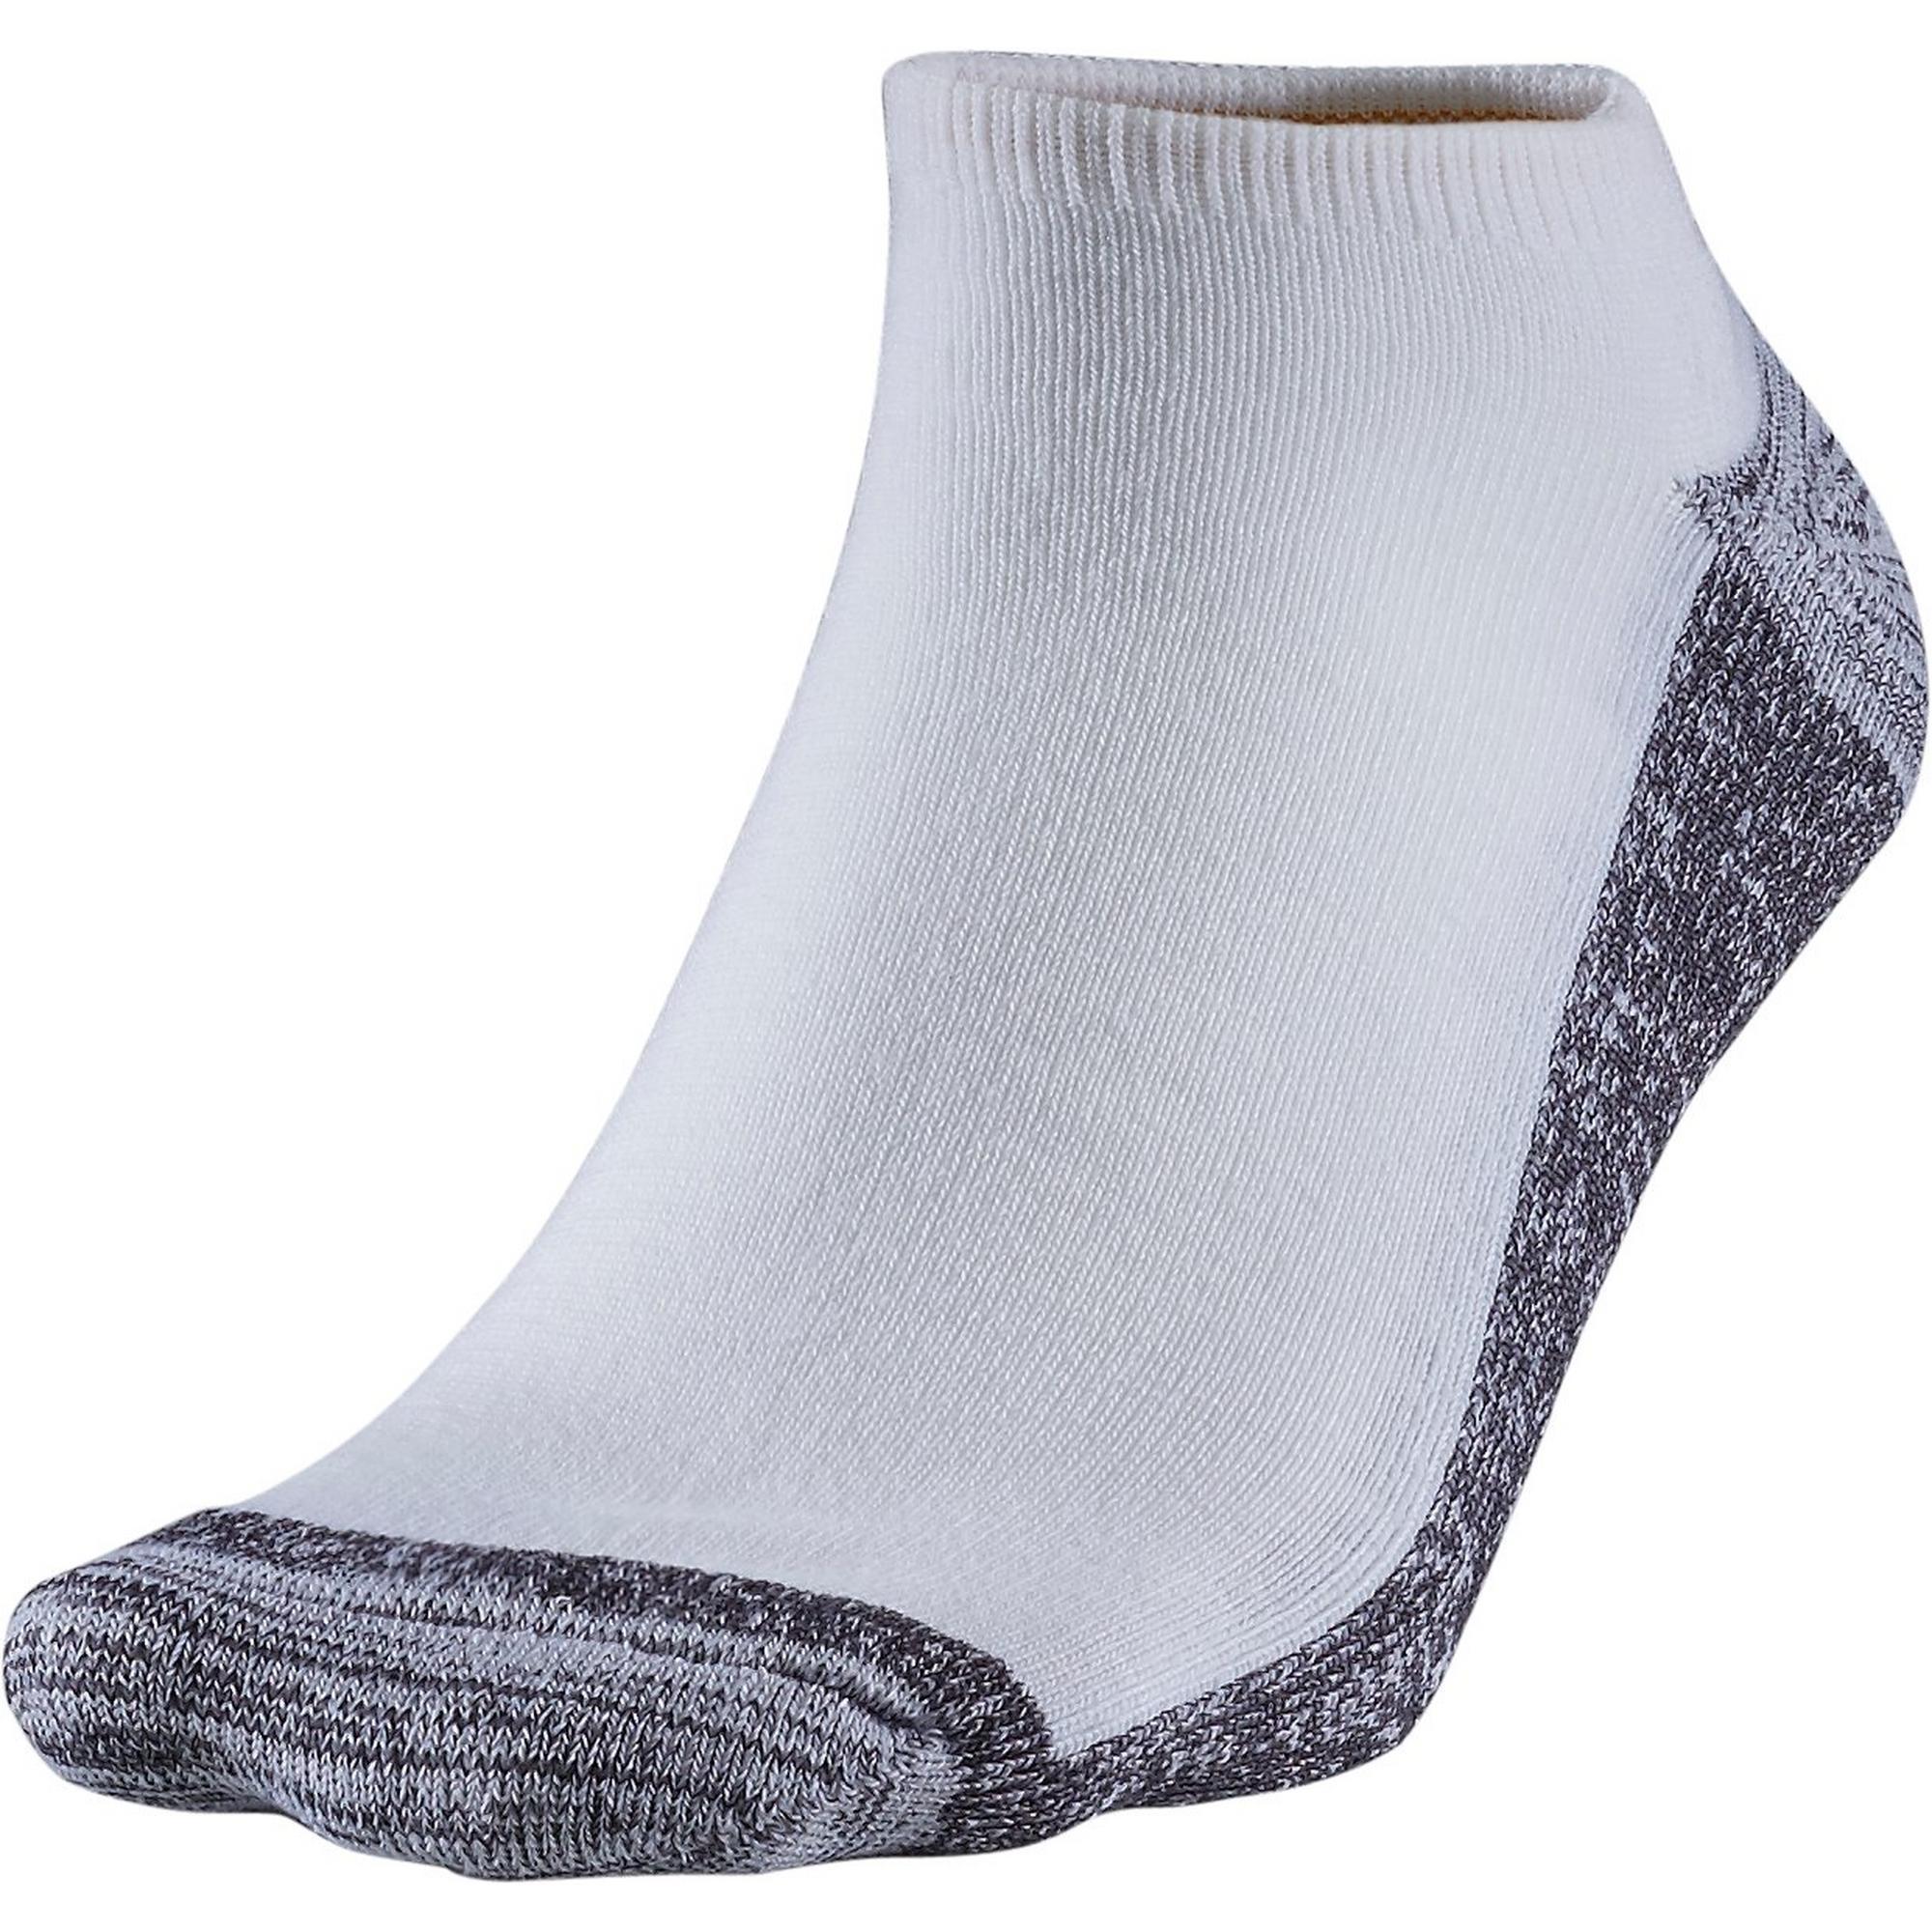 Socquettes Pro Dry pour hommes - paquet de 2 paires